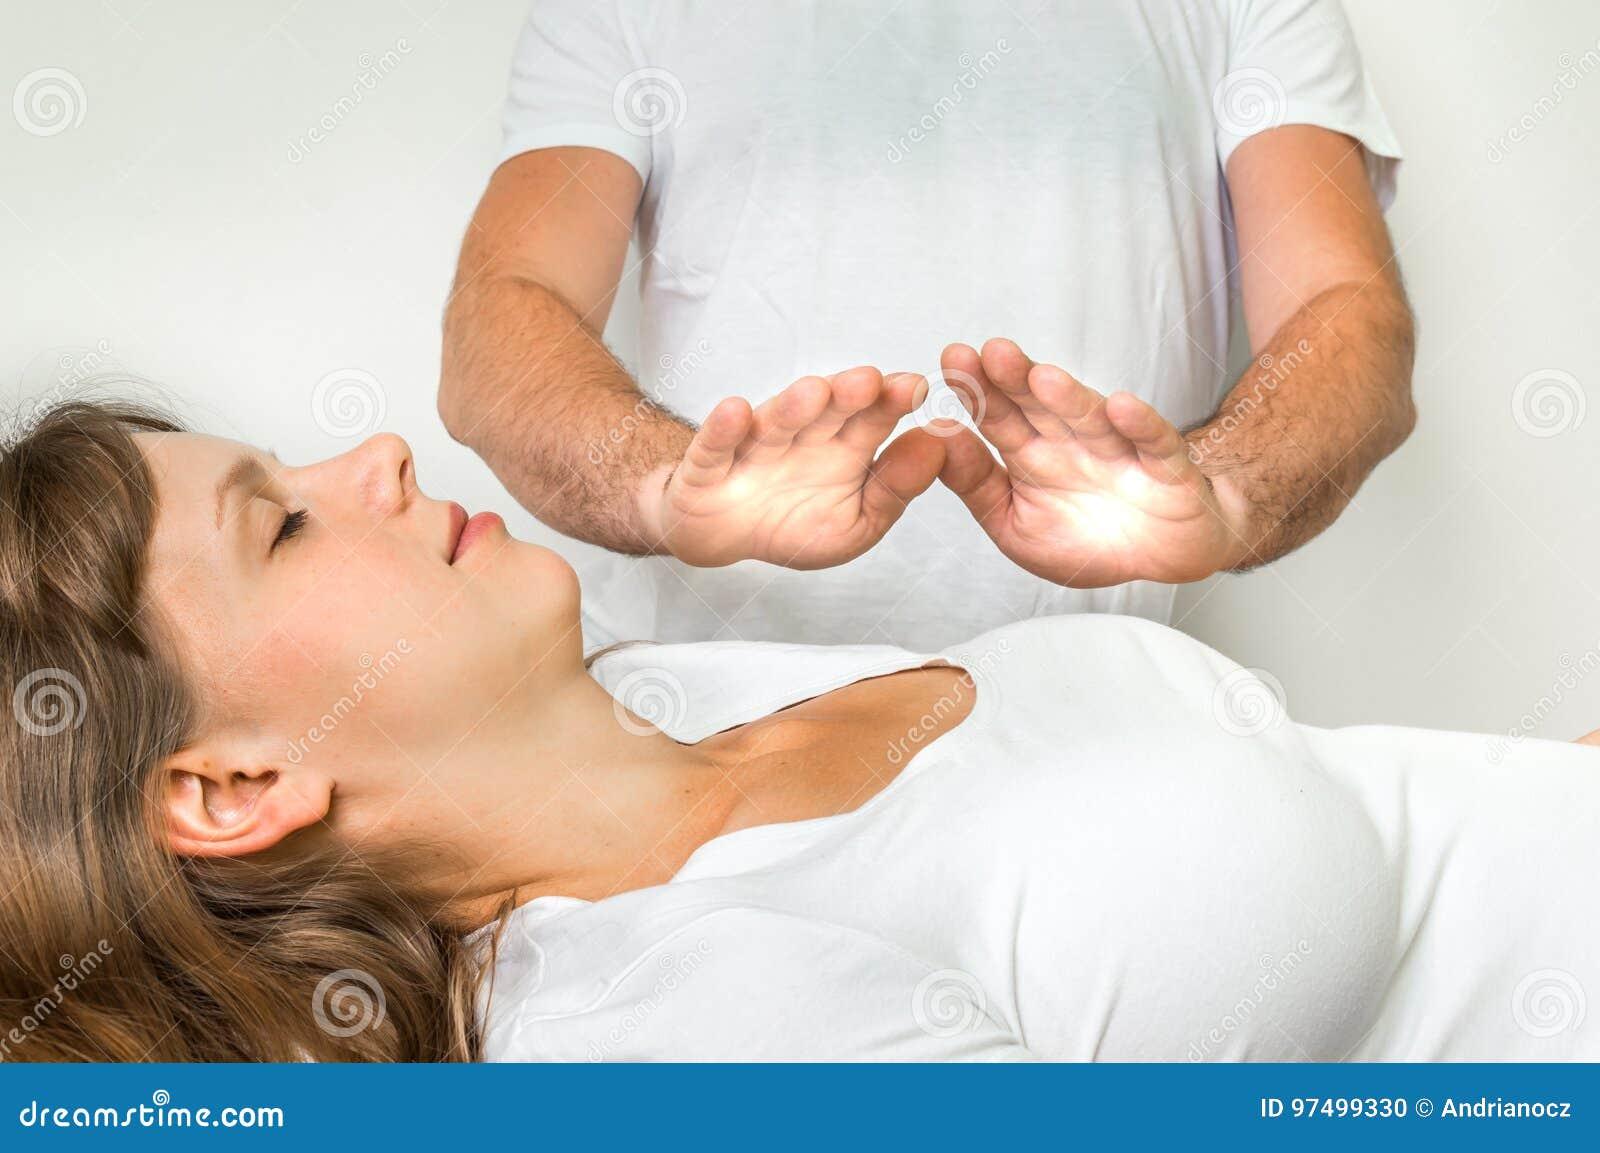 Donna che ottiene a reiki terapia curativa - medicina alternativa